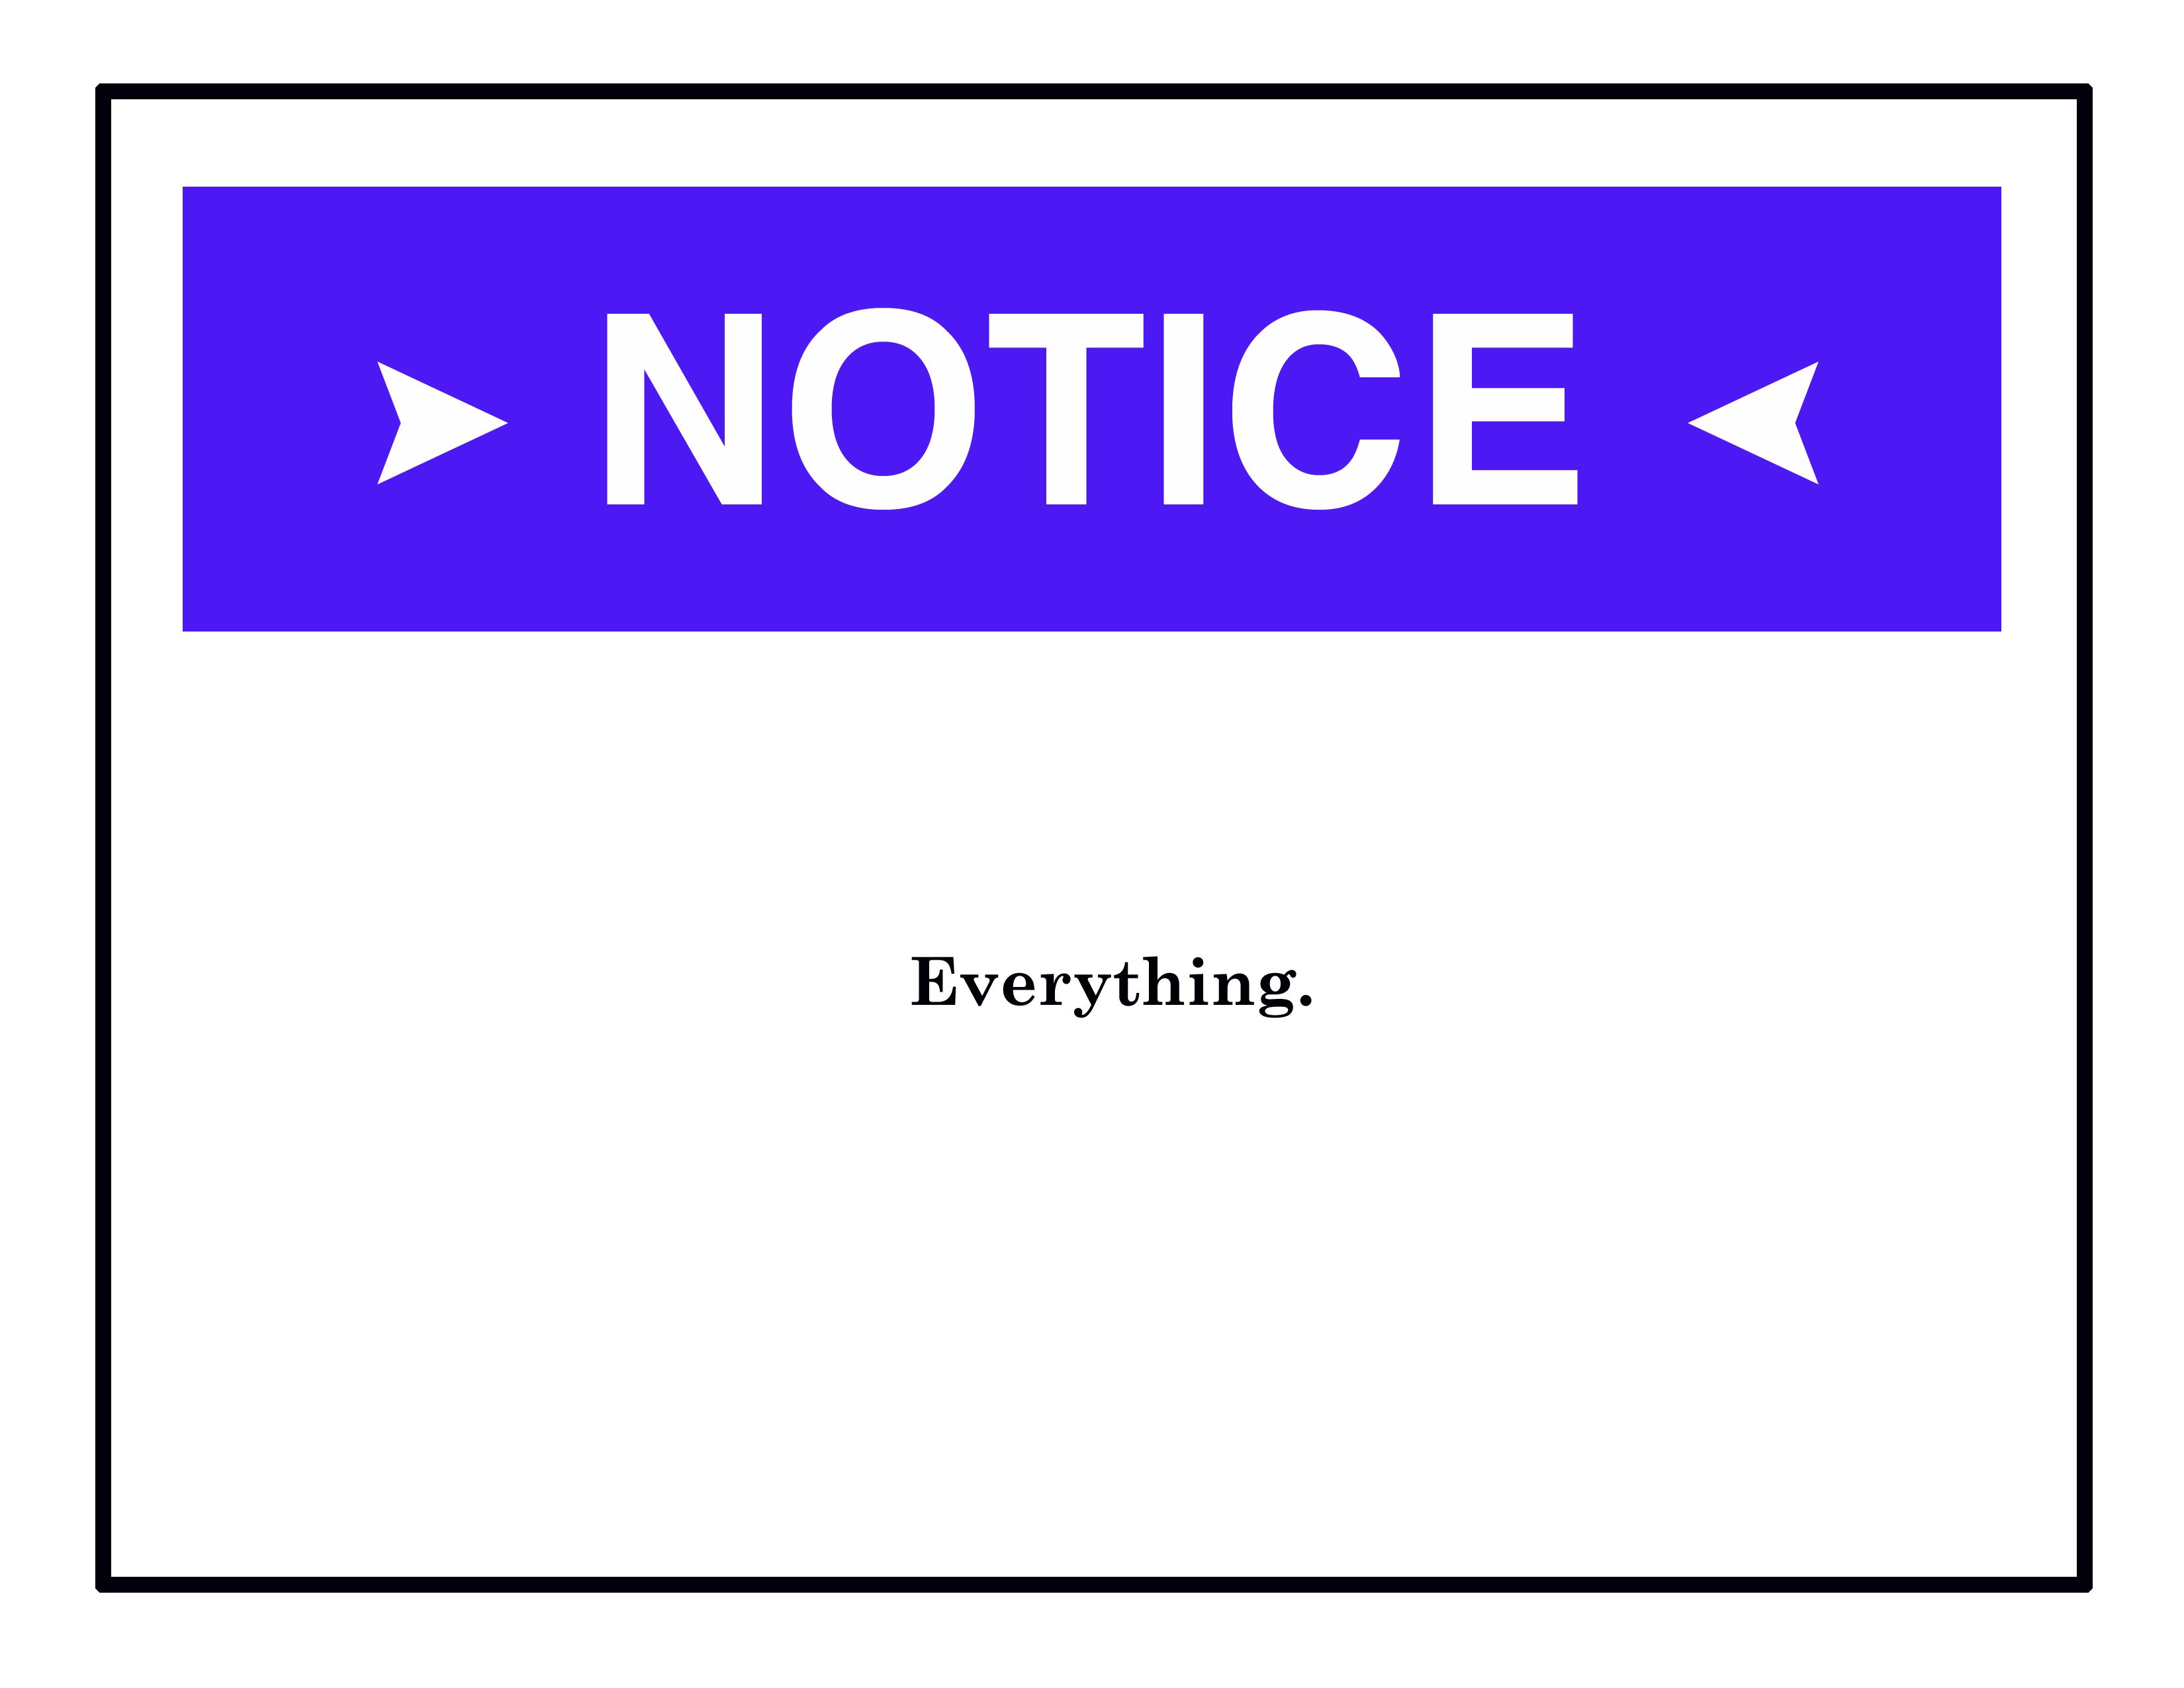 NOTICE Everything